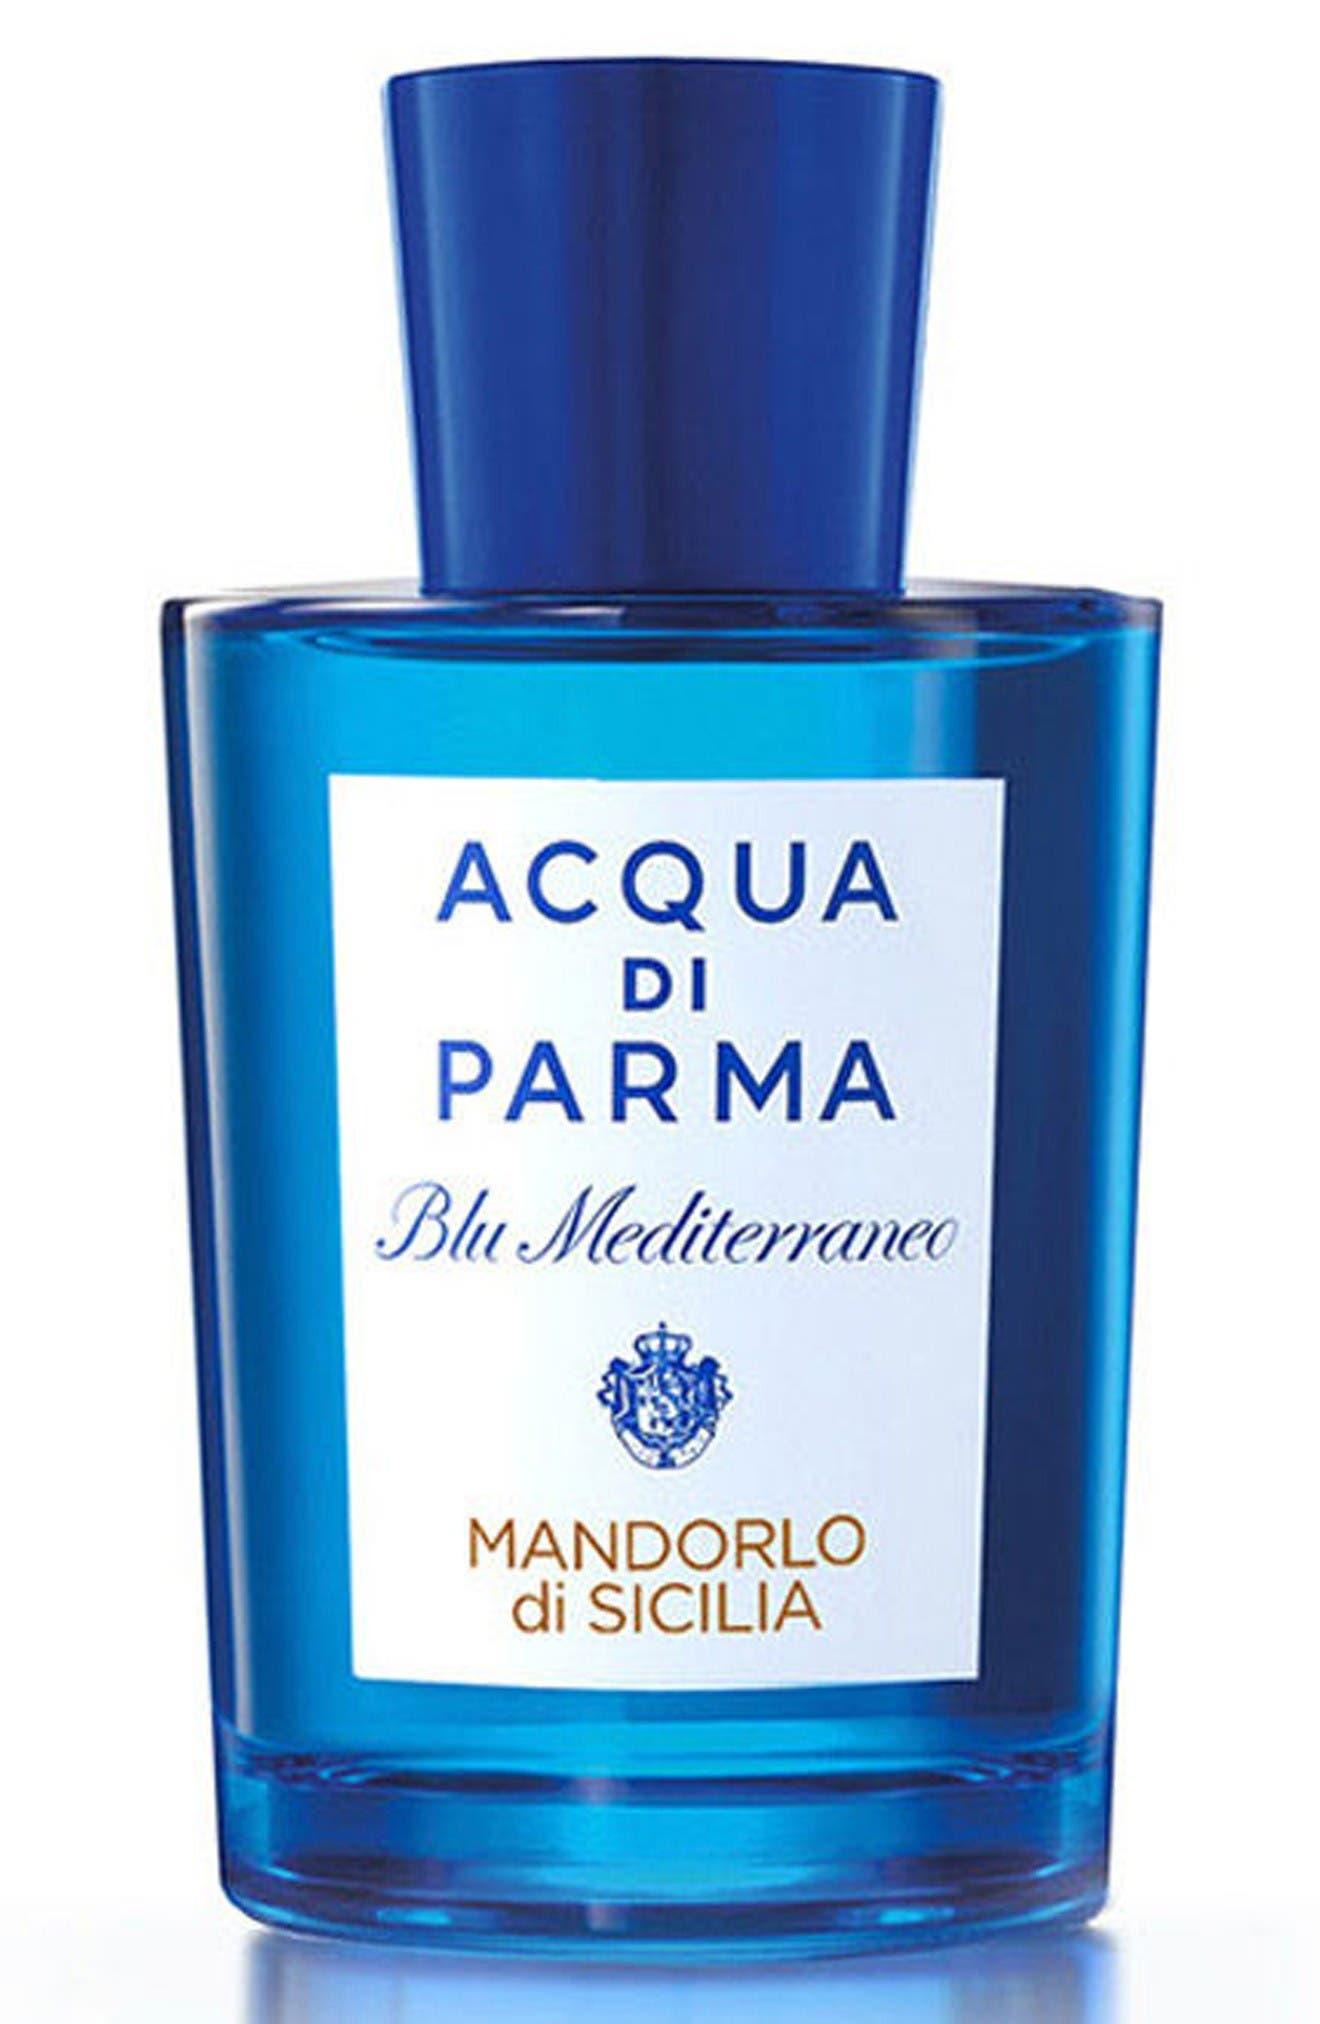 Alternate Image 1 Selected - Acqua di Parma 'Blu Mediterraneo' Mandorlo di Sicilia Eau de Toilette Spray